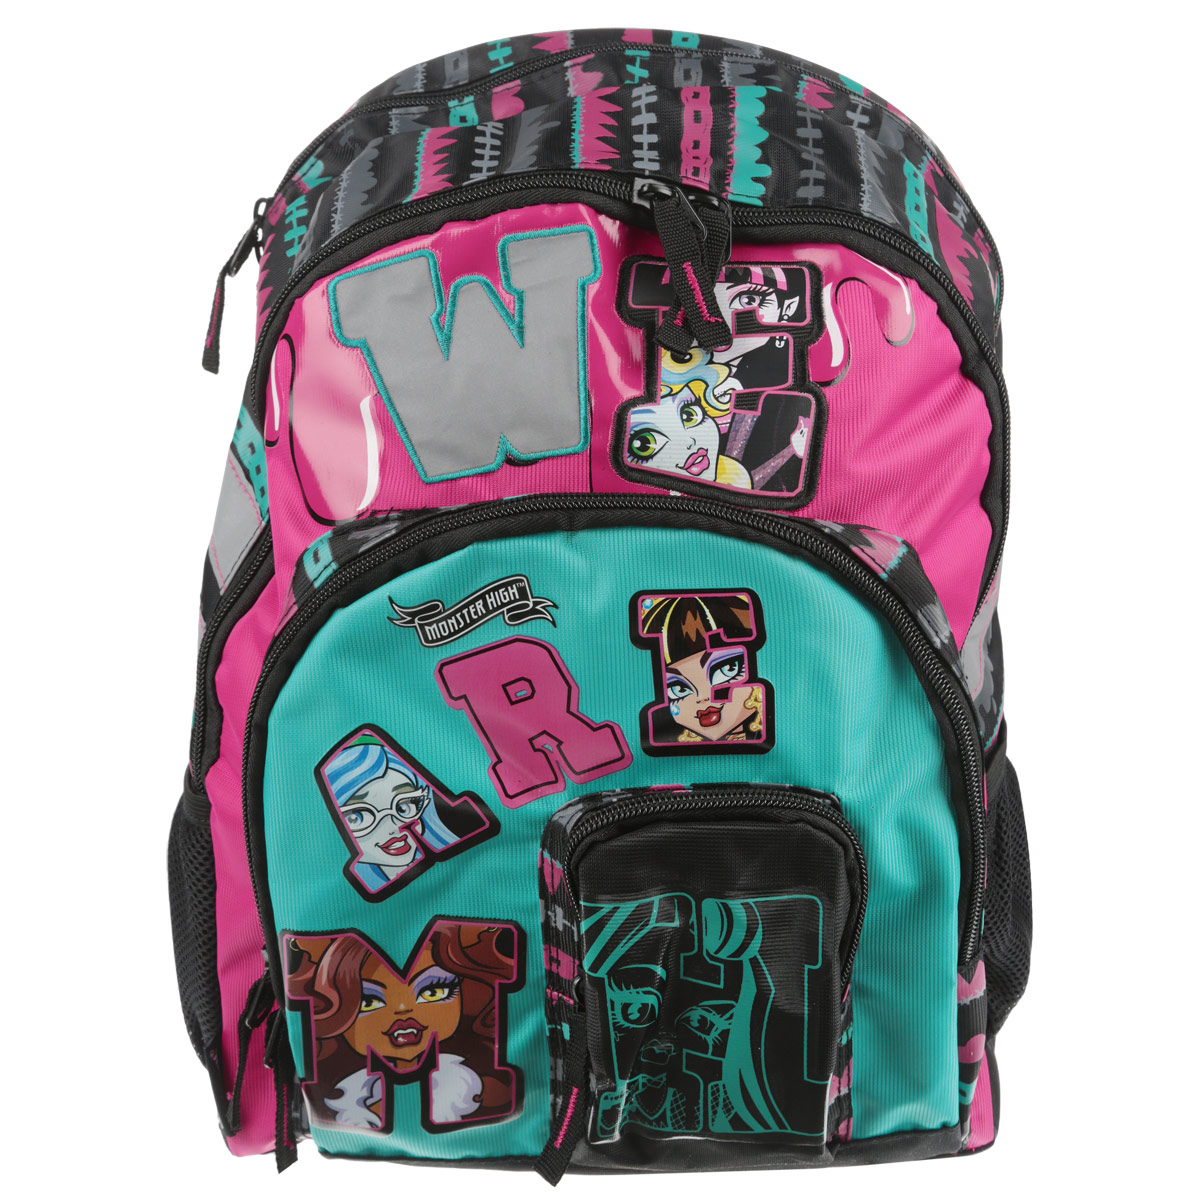 Рюкзак школьный Monster High, цвет: черный, розовый, бирюзовый. MHCB-MT1-767MHCB-MT1-767Яркий стильный школьный рюкзак Monster High понравится каждой девочке-поклоннице мультсериала Школа монстров. Выполнен из прочных и высококачественных материалов, дополнен изображением учениц Monster High.Содержит два вместительных отделения, закрывающиеся на застежки-молнии. В большом отделении находятся две перегородки для тетрадей или учебников. Дно рюкзака можно сделать жестким, разложив специальную панель с пластиковой вставкой, что повышает сохранность содержимого рюкзака и способствует правильному распределению нагрузки. Лицевая сторона оснащена двумя накладными карманами на молнии, один из которых для мобильного телефона. По бокам расположены два открытых накладных кармана, стянутых сверху резинкой. Специально разработанная архитектура спинки со стабилизирующими набивными элементами повторяет естественный изгиб позвоночника. Набивные элементы обеспечивают вентиляцию спины ребенка. Мягкие широкие лямки позволяют легко и быстро отрегулировать рюкзак в соответствии с ростом. Рюкзак оснащен эргономичной ручкой для удобной переноски в руке. Светоотражающие элементы обеспечивают безопасность в темное время суток.Такой школьный рюкзак станет незаменимым спутником вашего ребенка в походах за знаниями.Рекомендуемый возраст: от 10 лет.